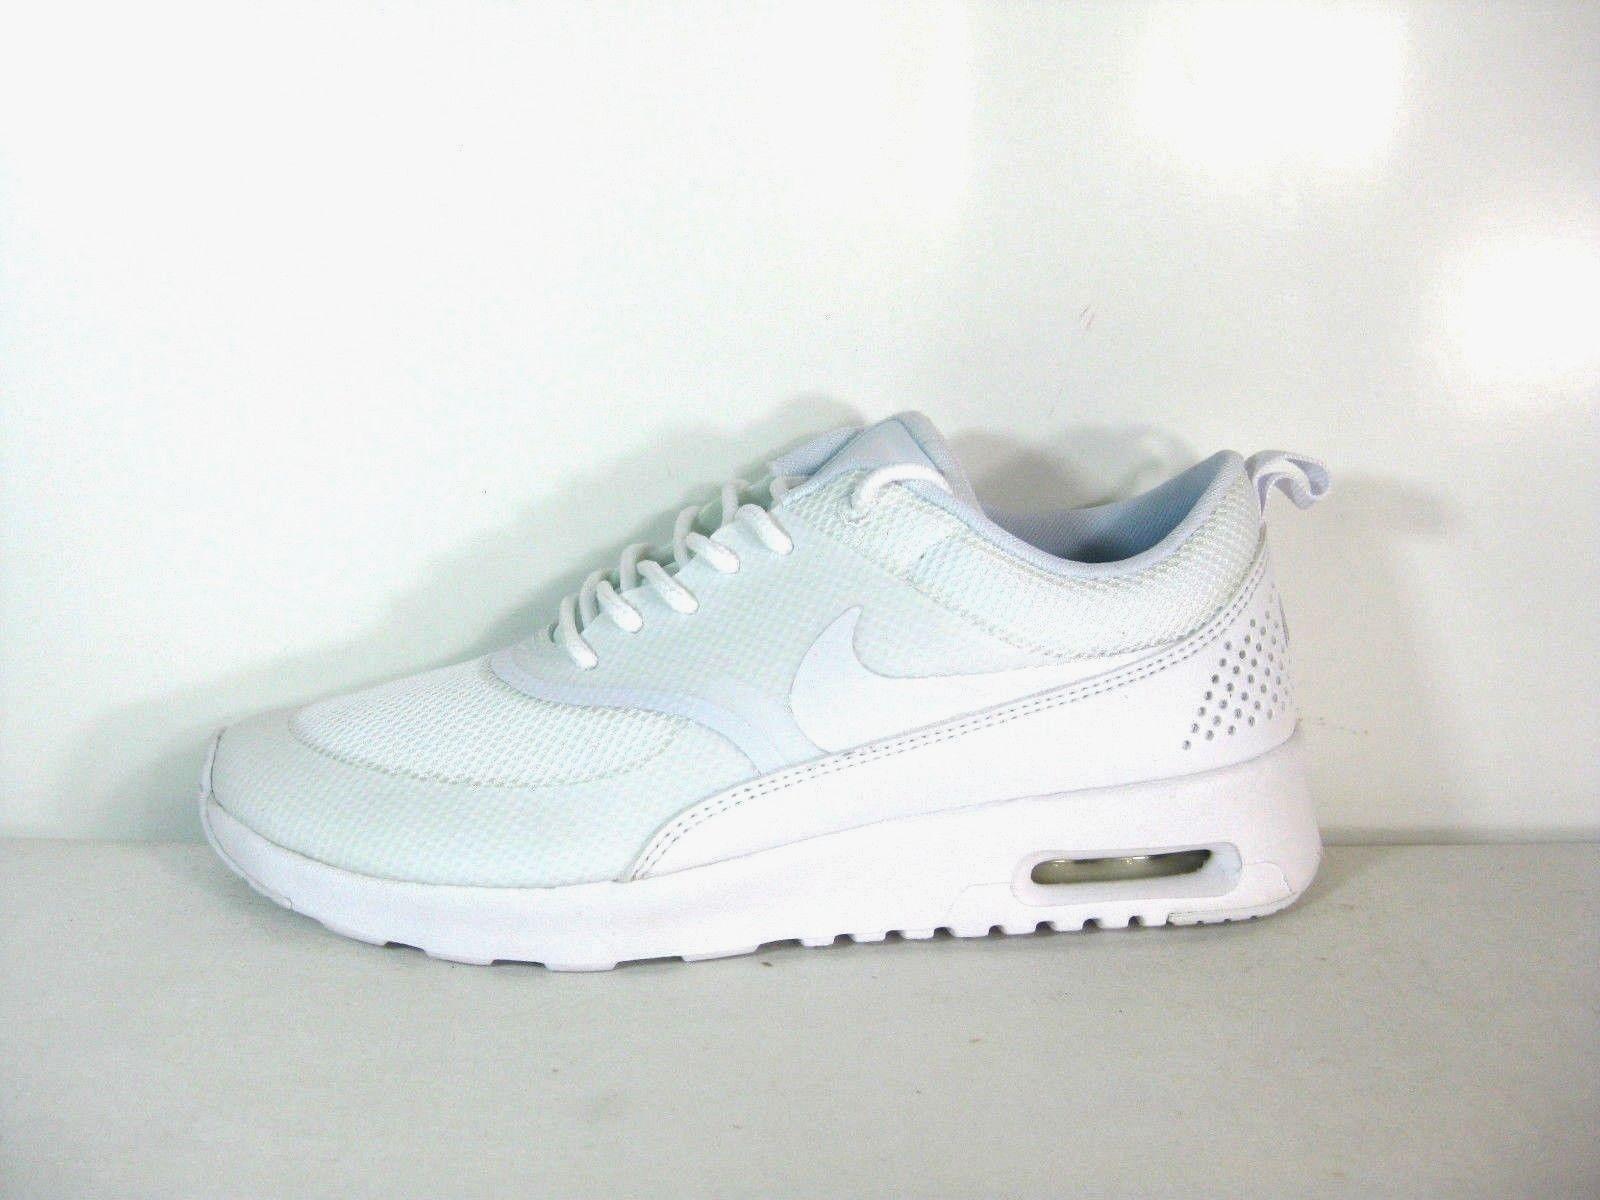 NIKE WMNS AIR MAX THEA White White White White 599409 101  037542